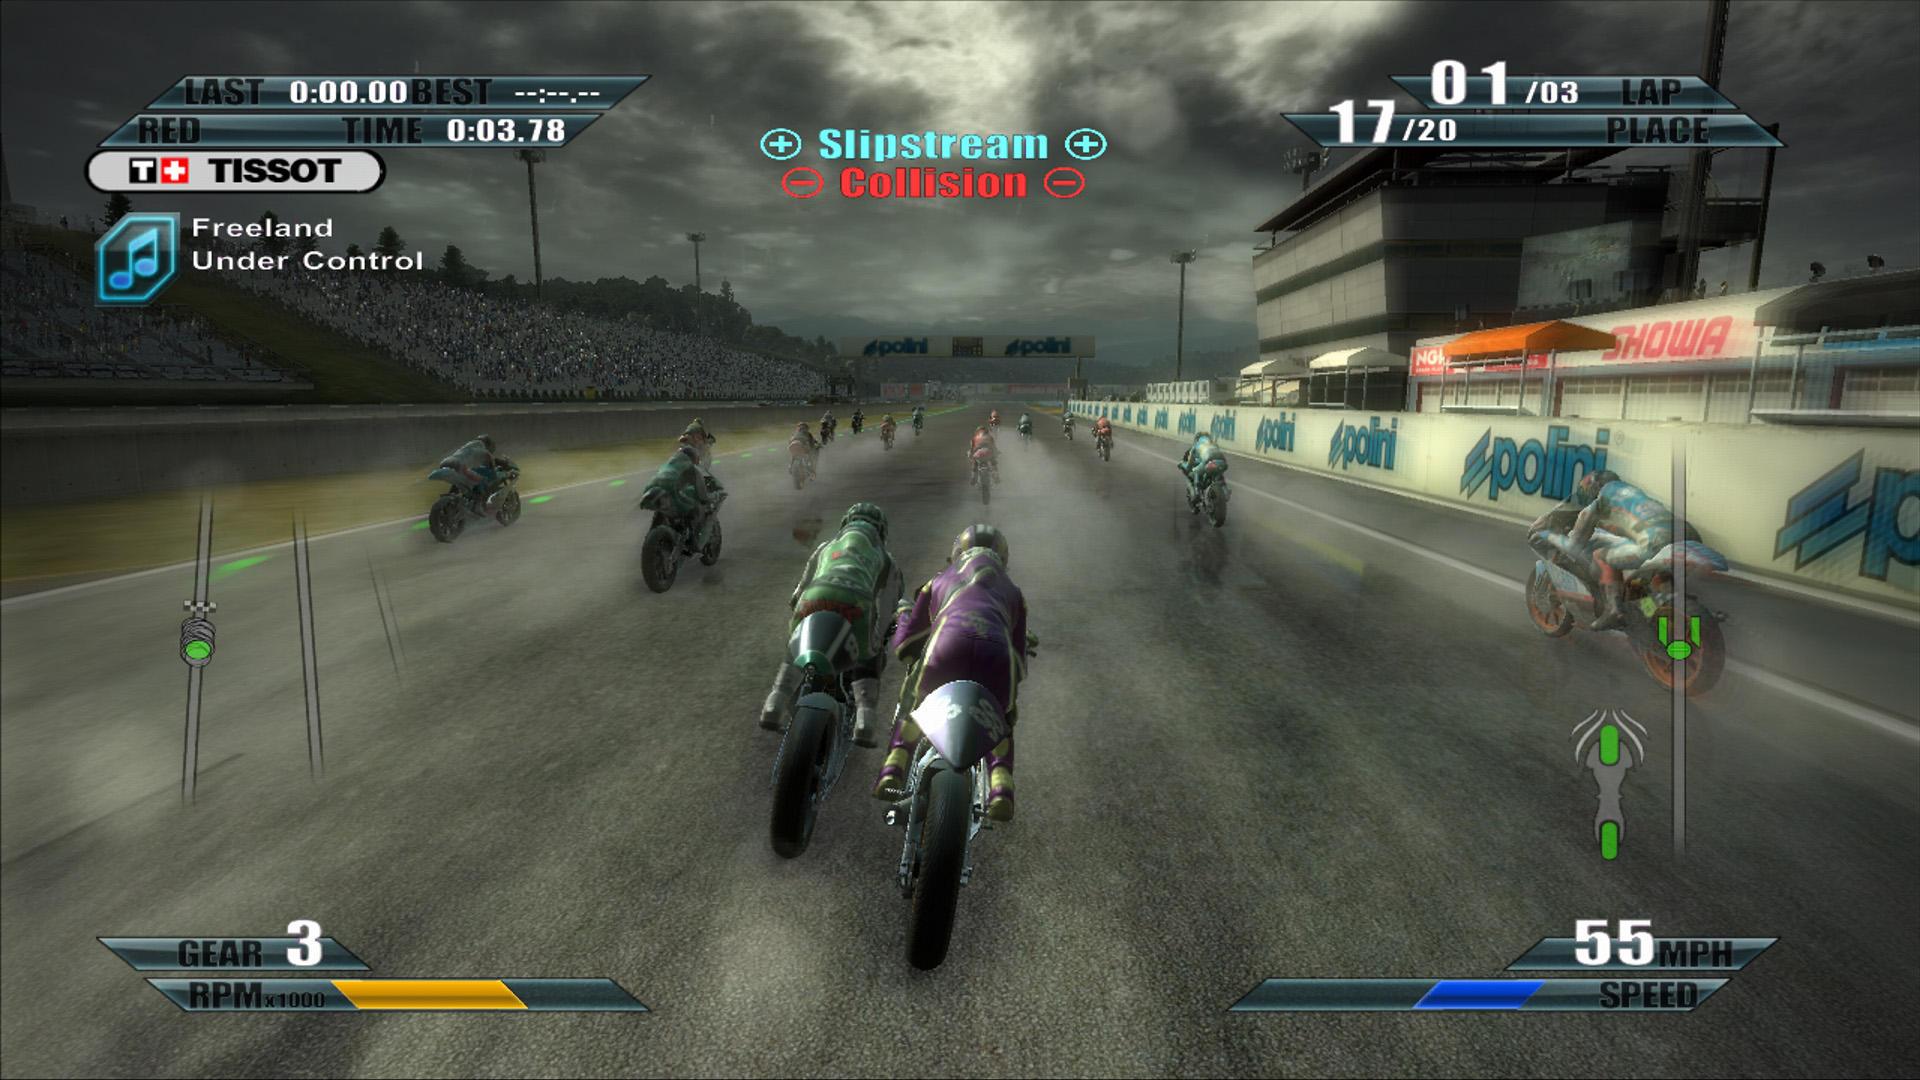 Moto GP 09/10 - Sorpassi in pista